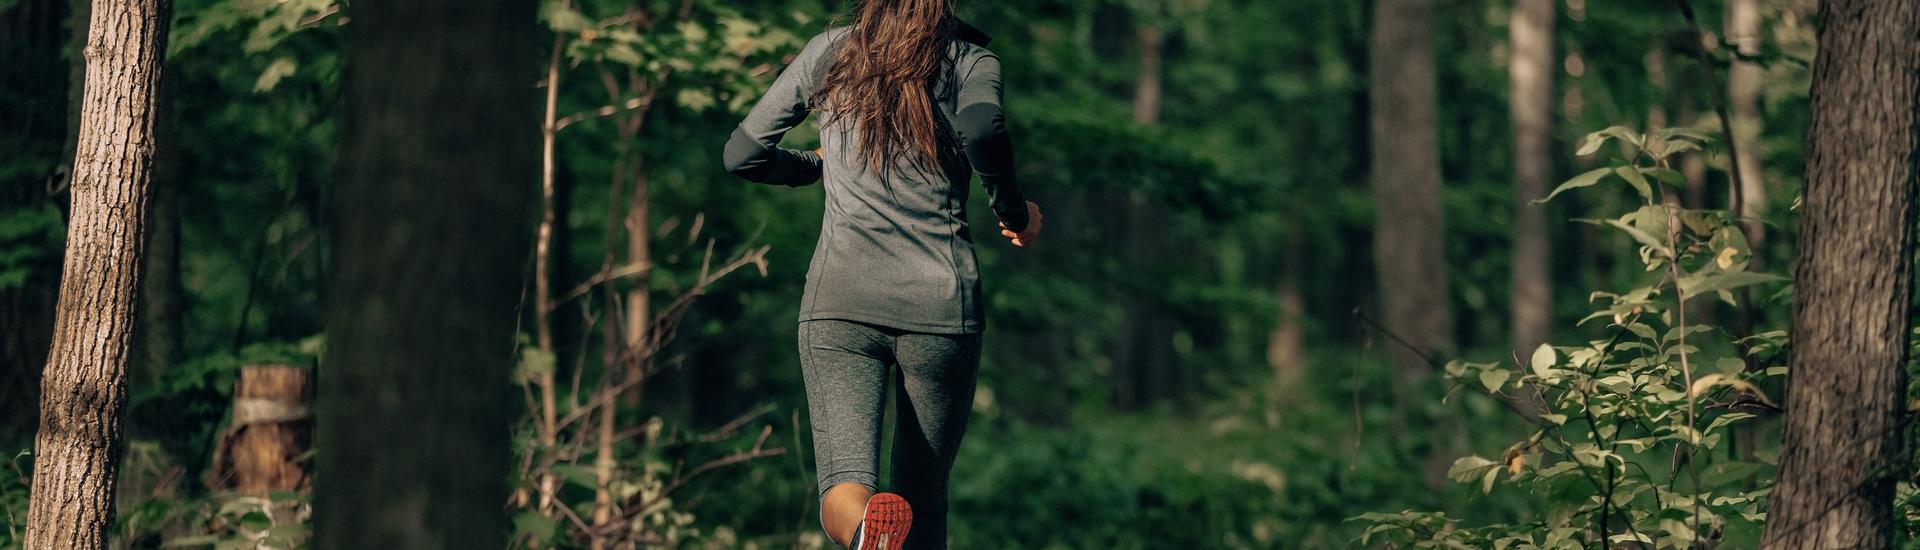 outdoor runner